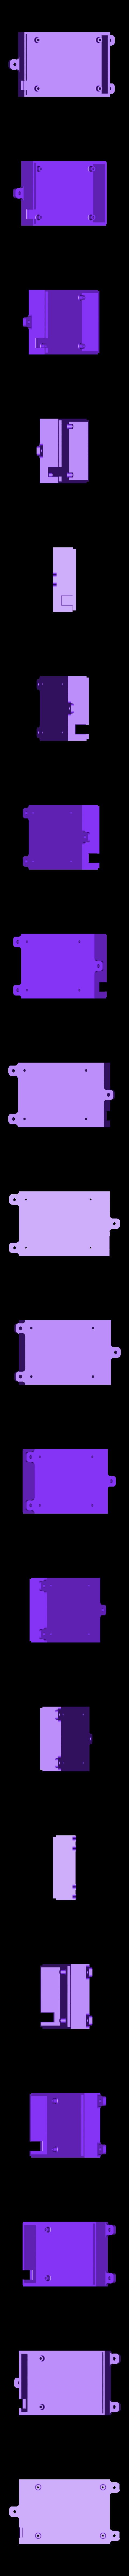 board_case1.STL Télécharger fichier STL gratuit Traxbot - une construction EZ-robot • Design imprimable en 3D, Laevalia